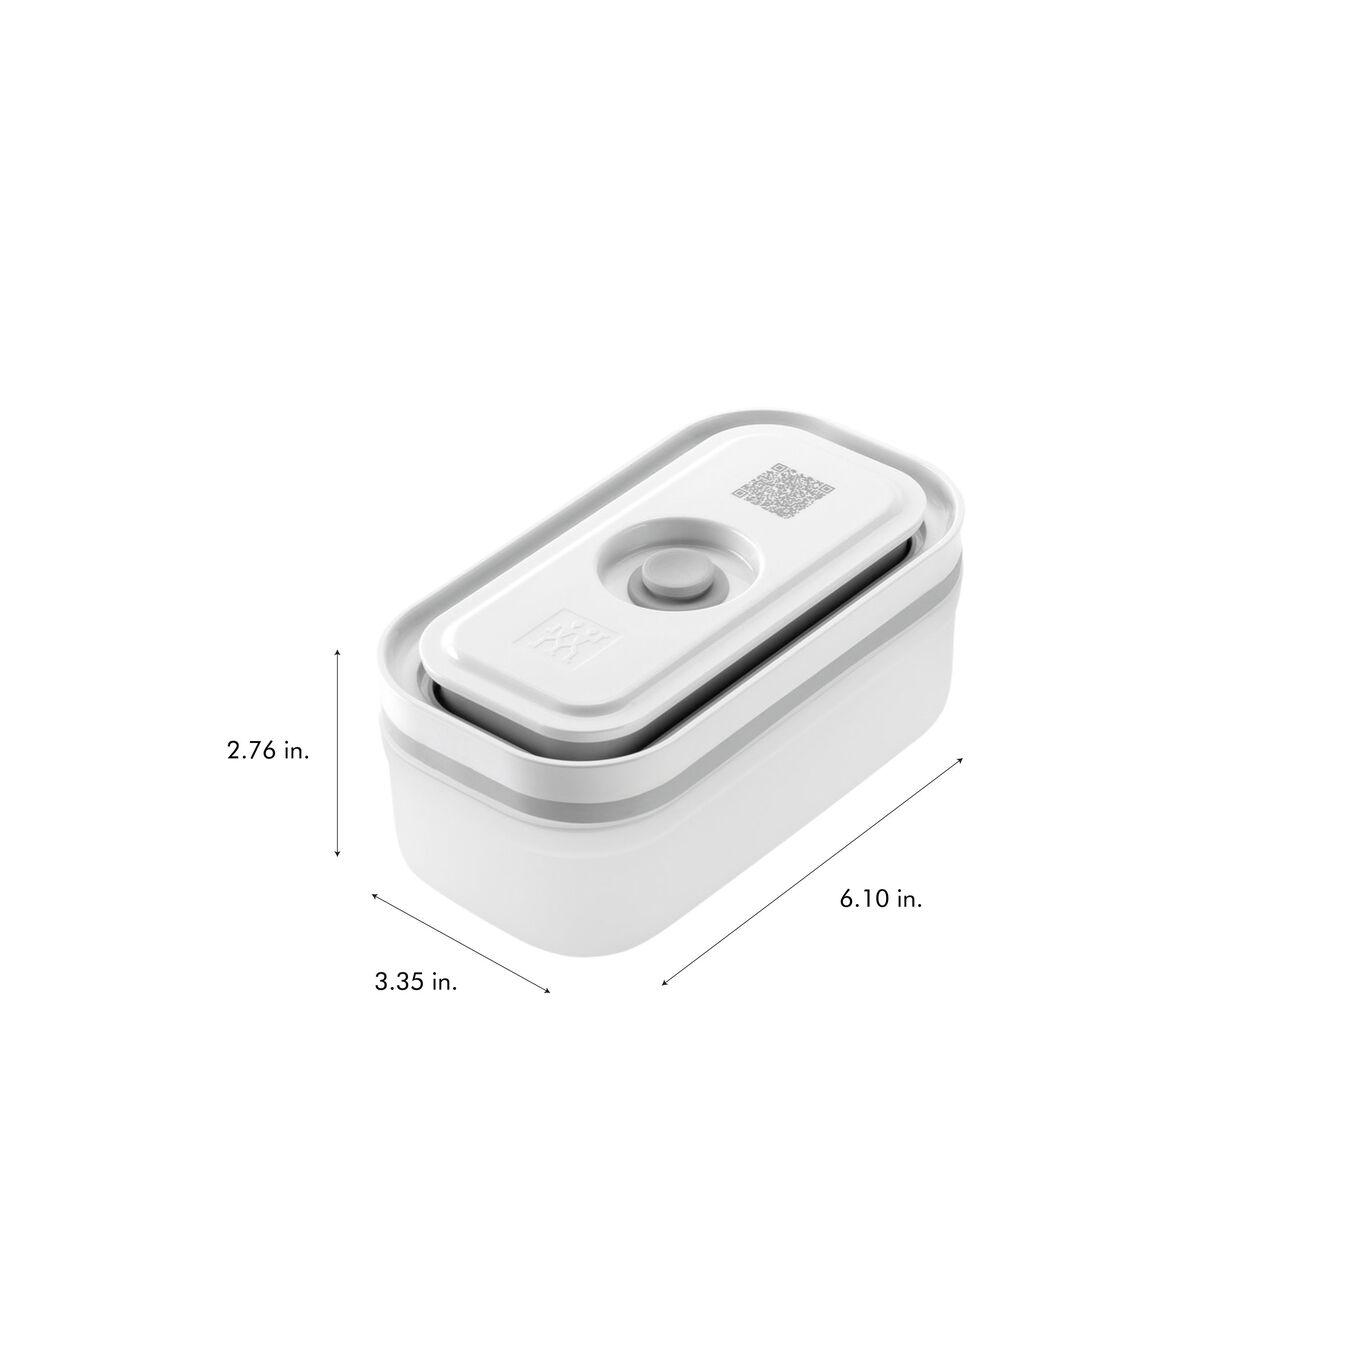 Vacuum Container Set, small/medium/large / 3-pc, White,,large 9